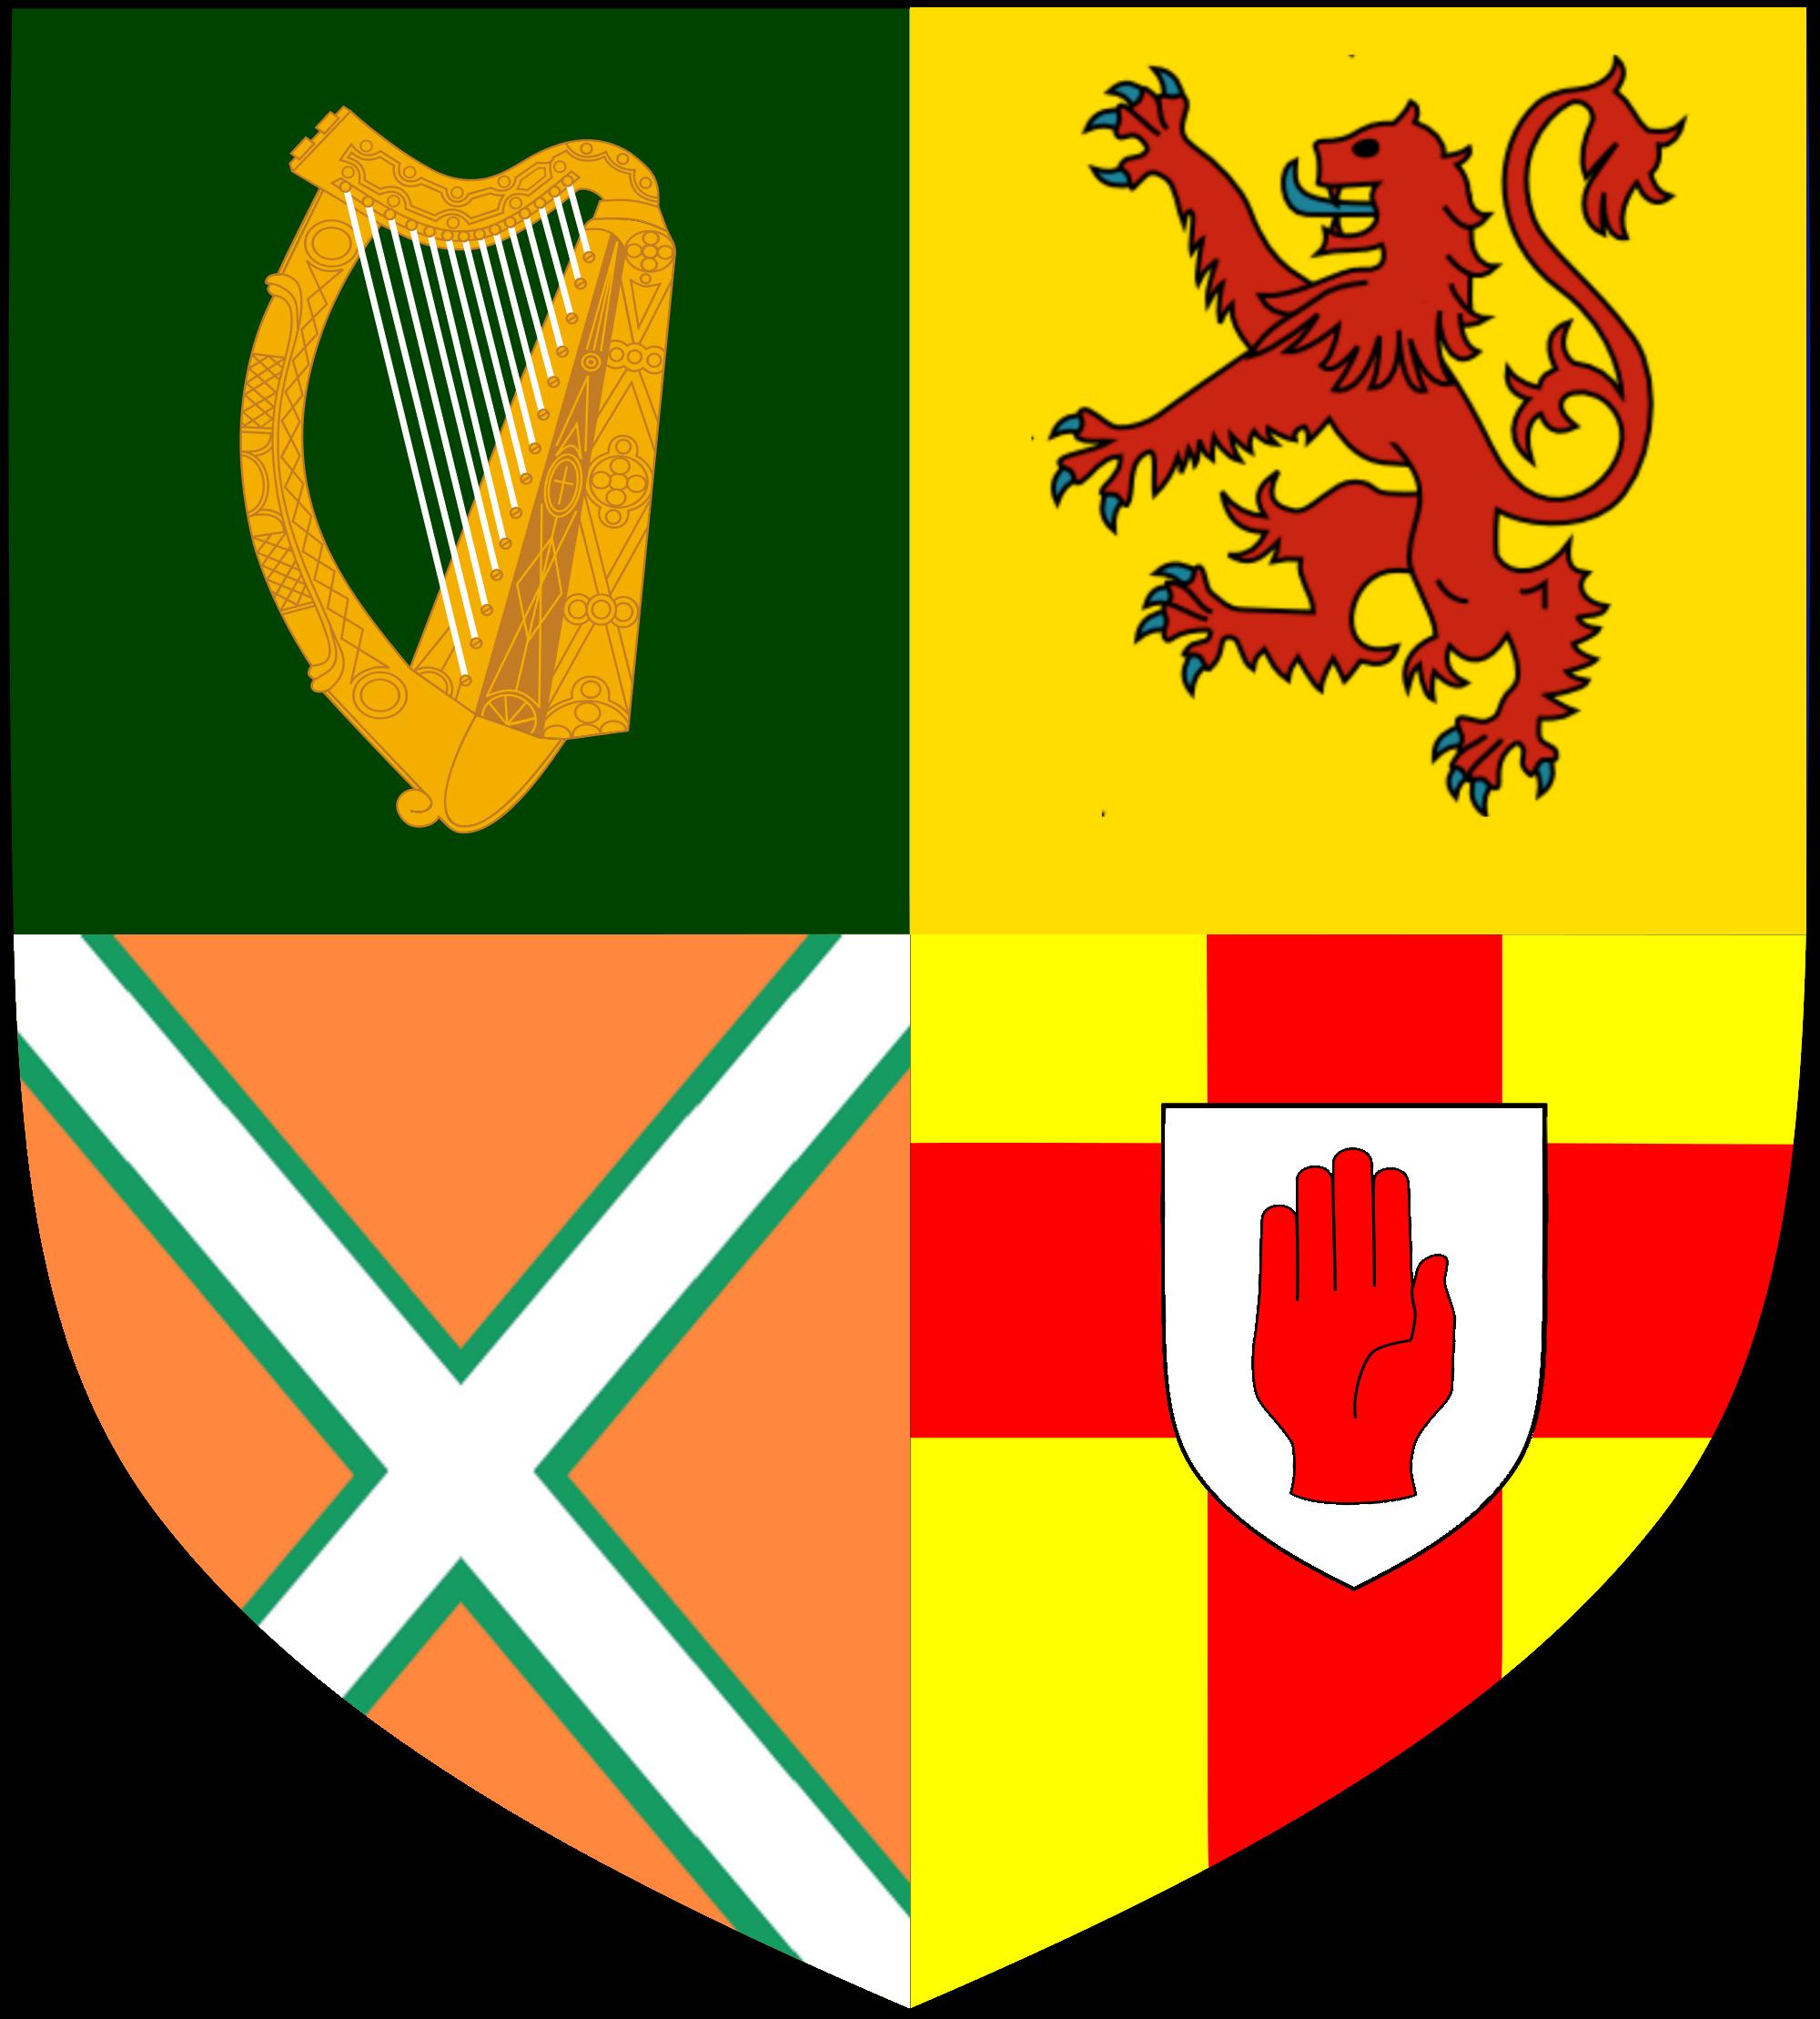 Image United Kingdom Of Scotland And Ireland Coa G